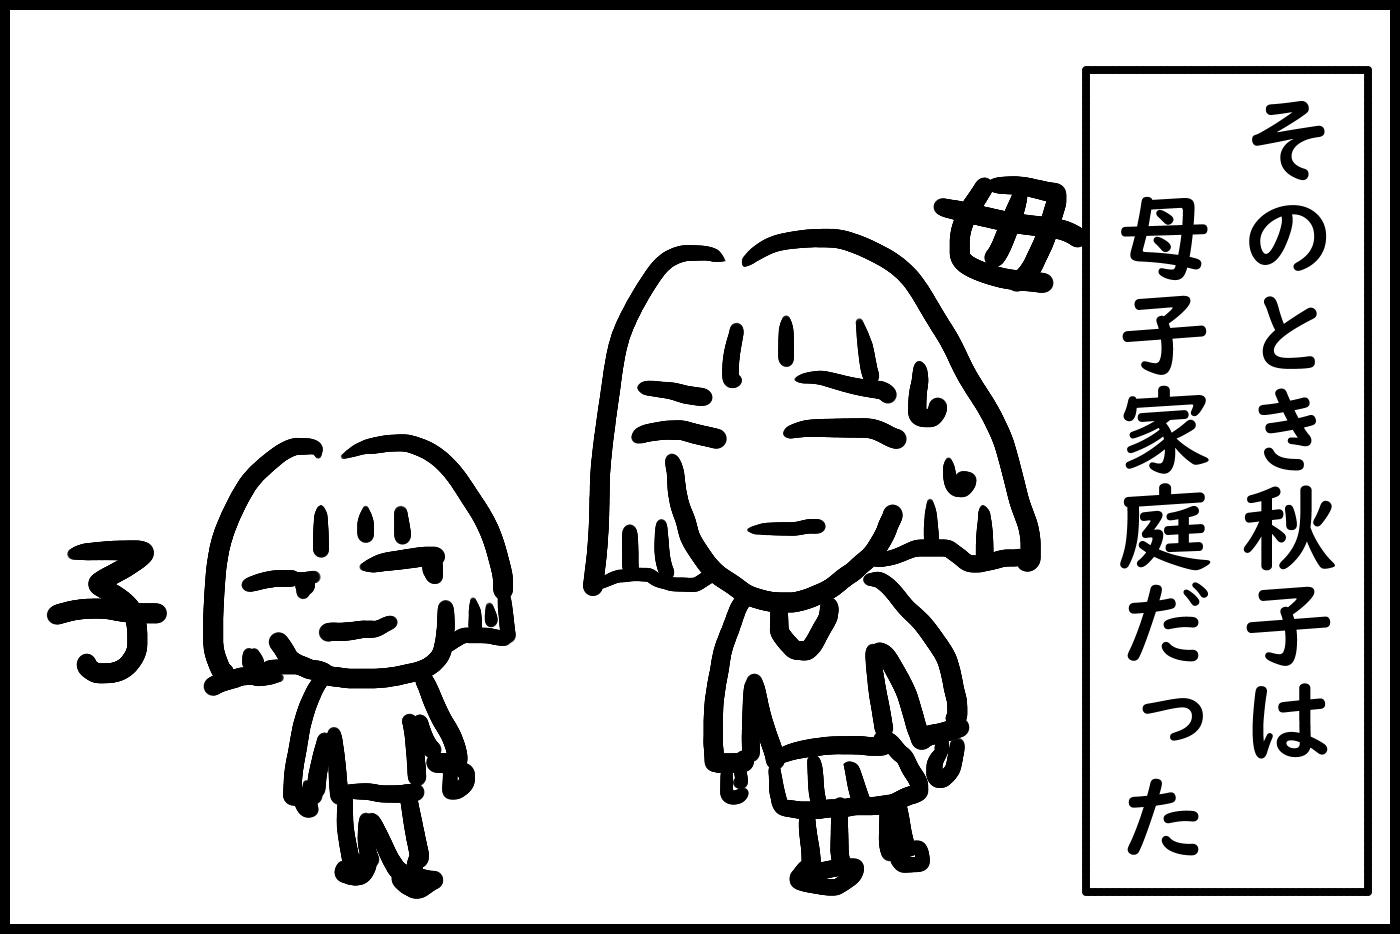 そのとき秋子は母子家庭だった